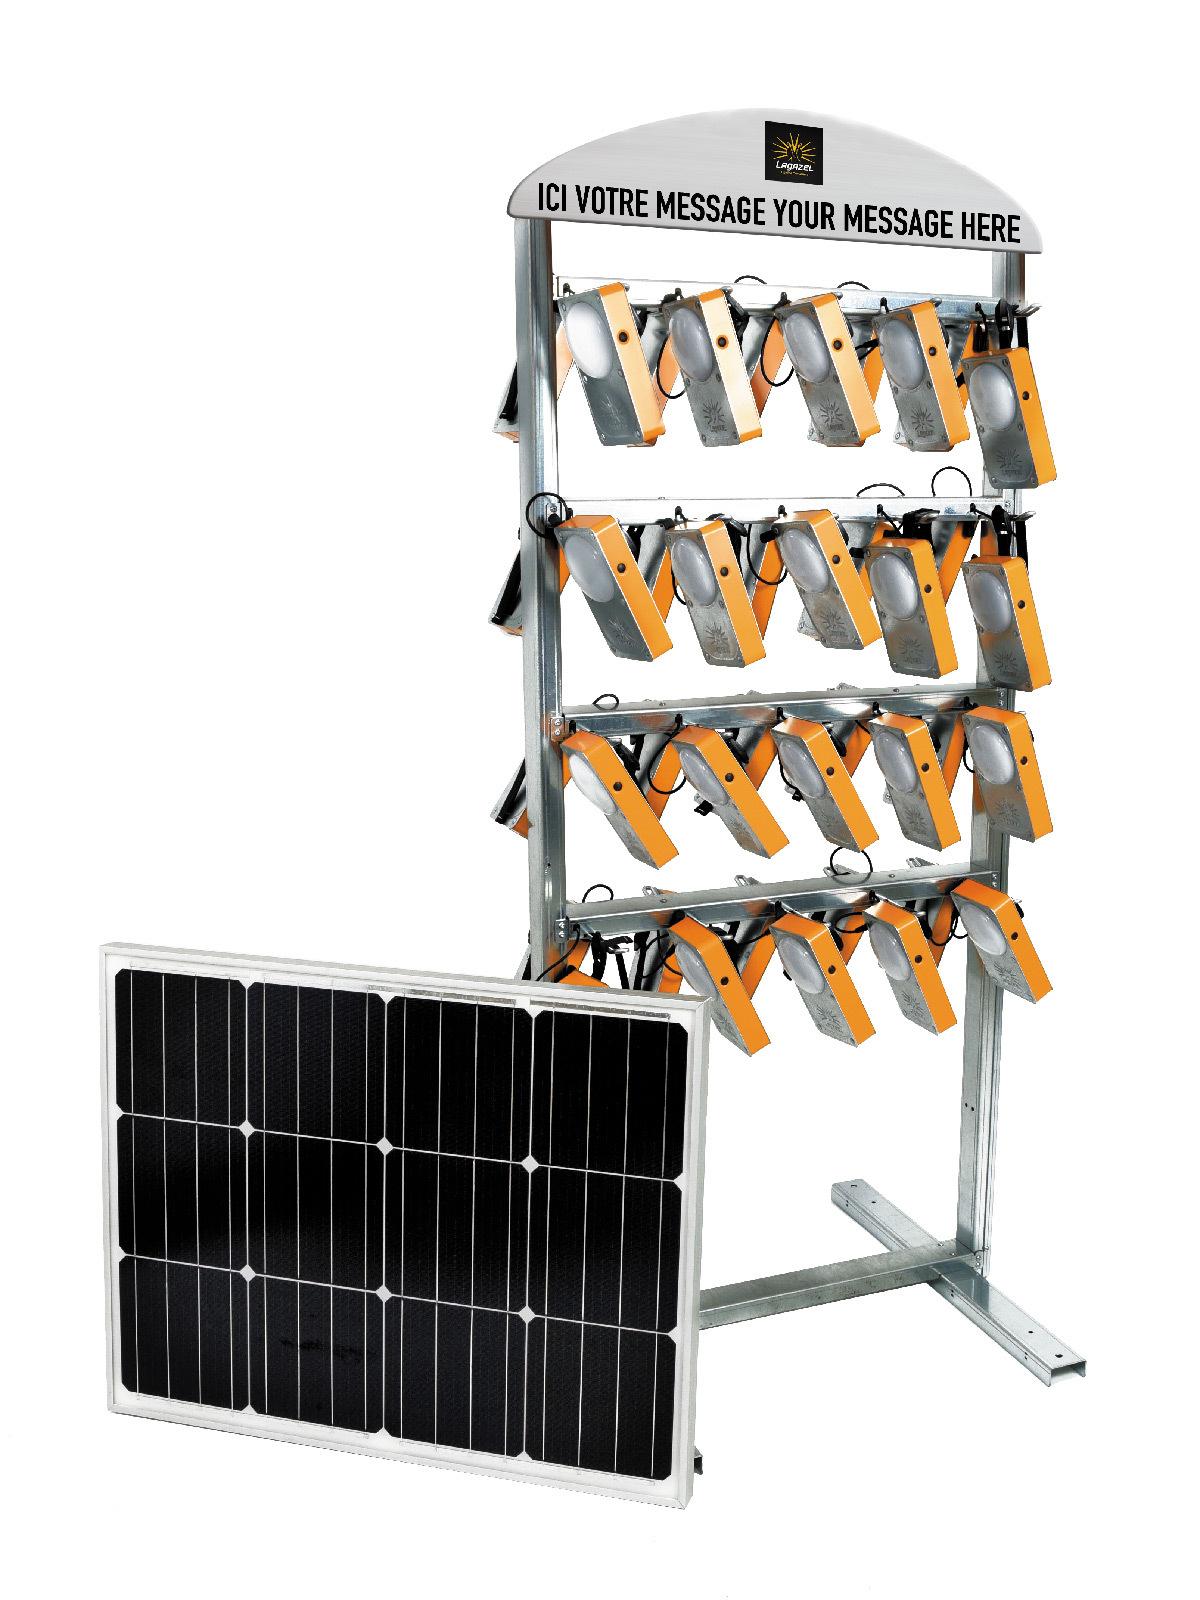 Station de charge solaire © Lagazel